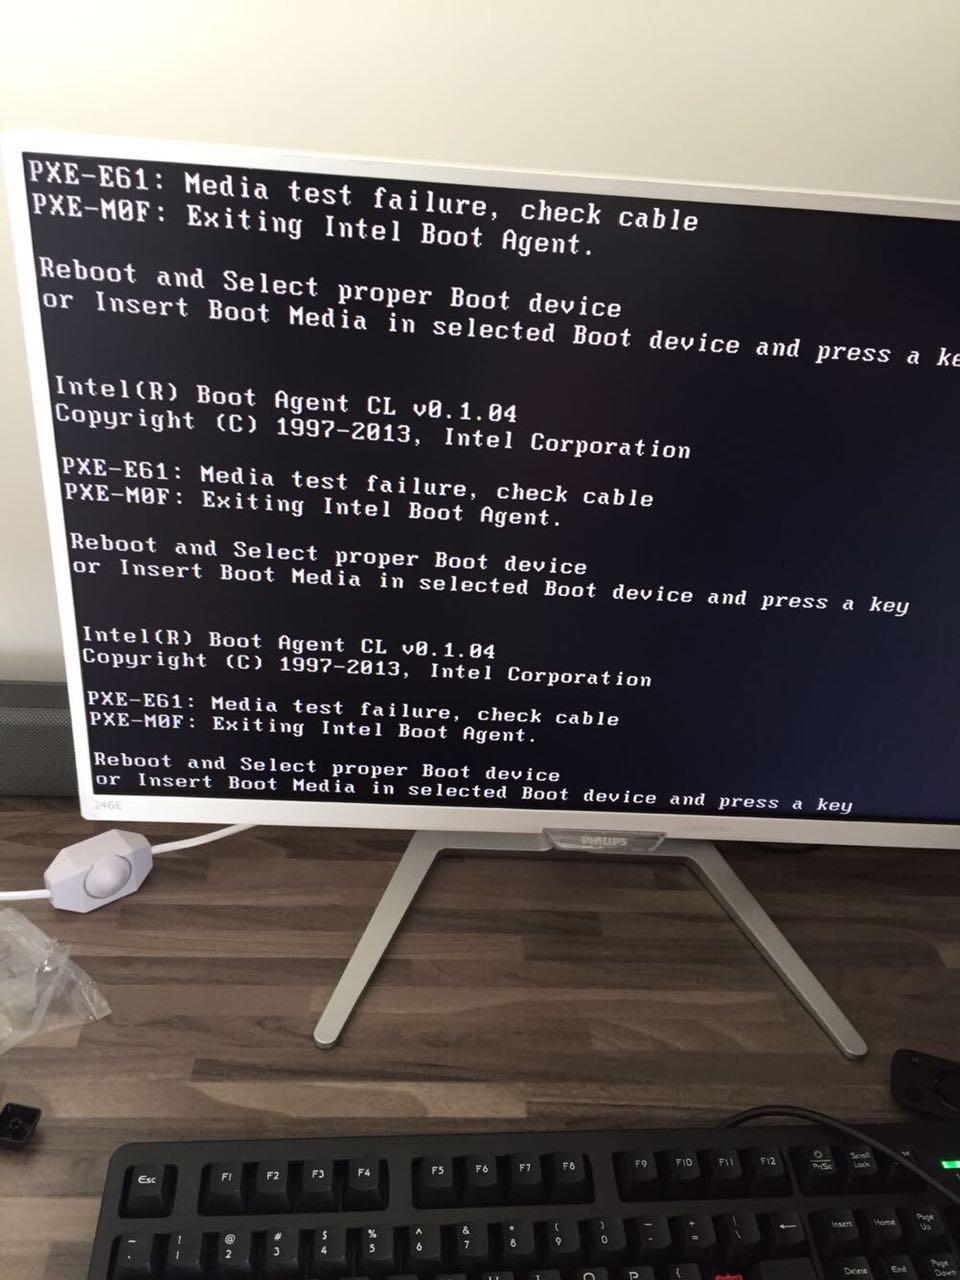 刚买的电脑开机就出现PXE-E61:media test failure,check cable一